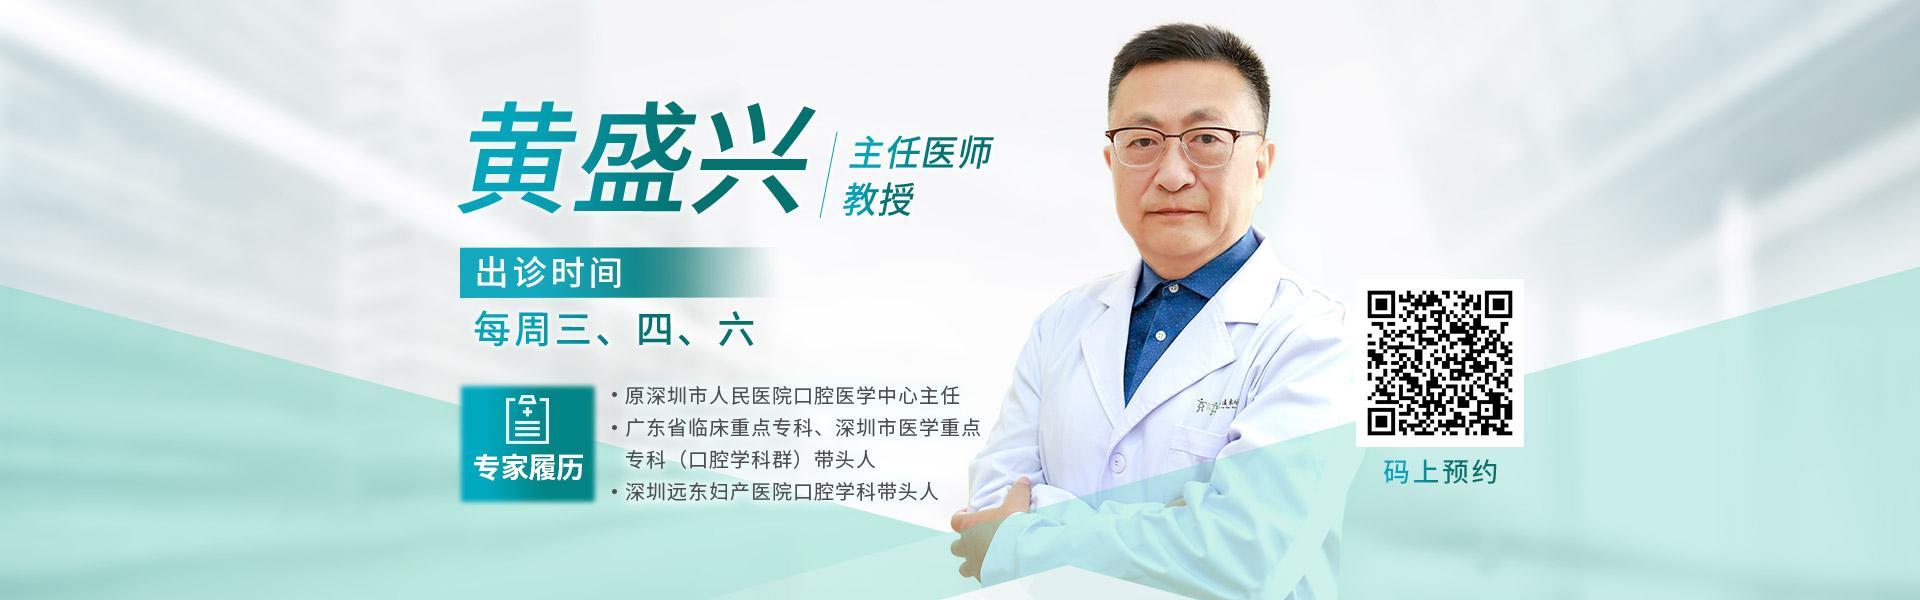 黄盛兴教授图片